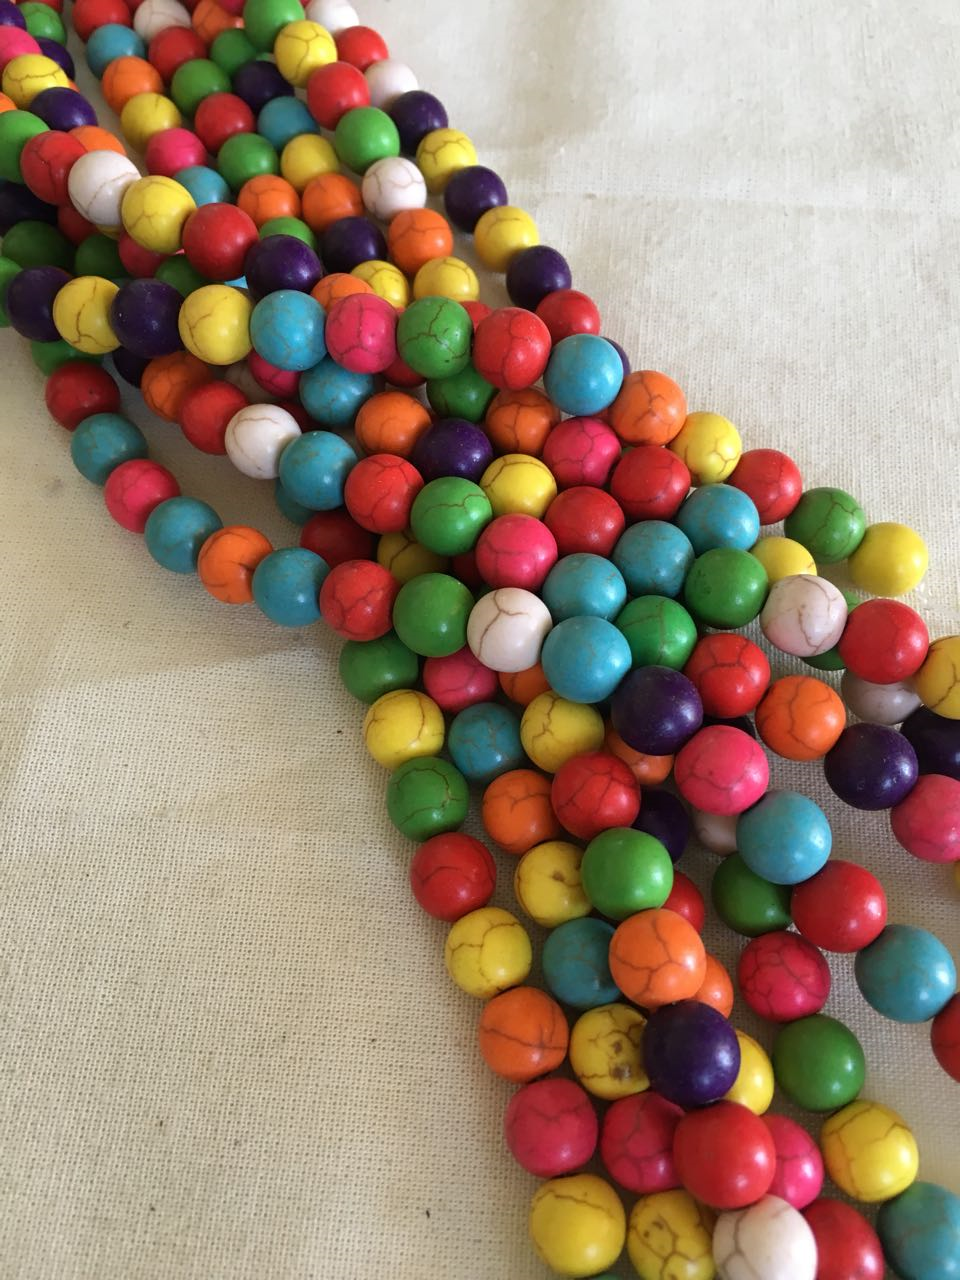 PA10- Multicolor Hilo de pasta de turquesa 10 mm hilo 39 piezas, precio Único $ 14 la tira .